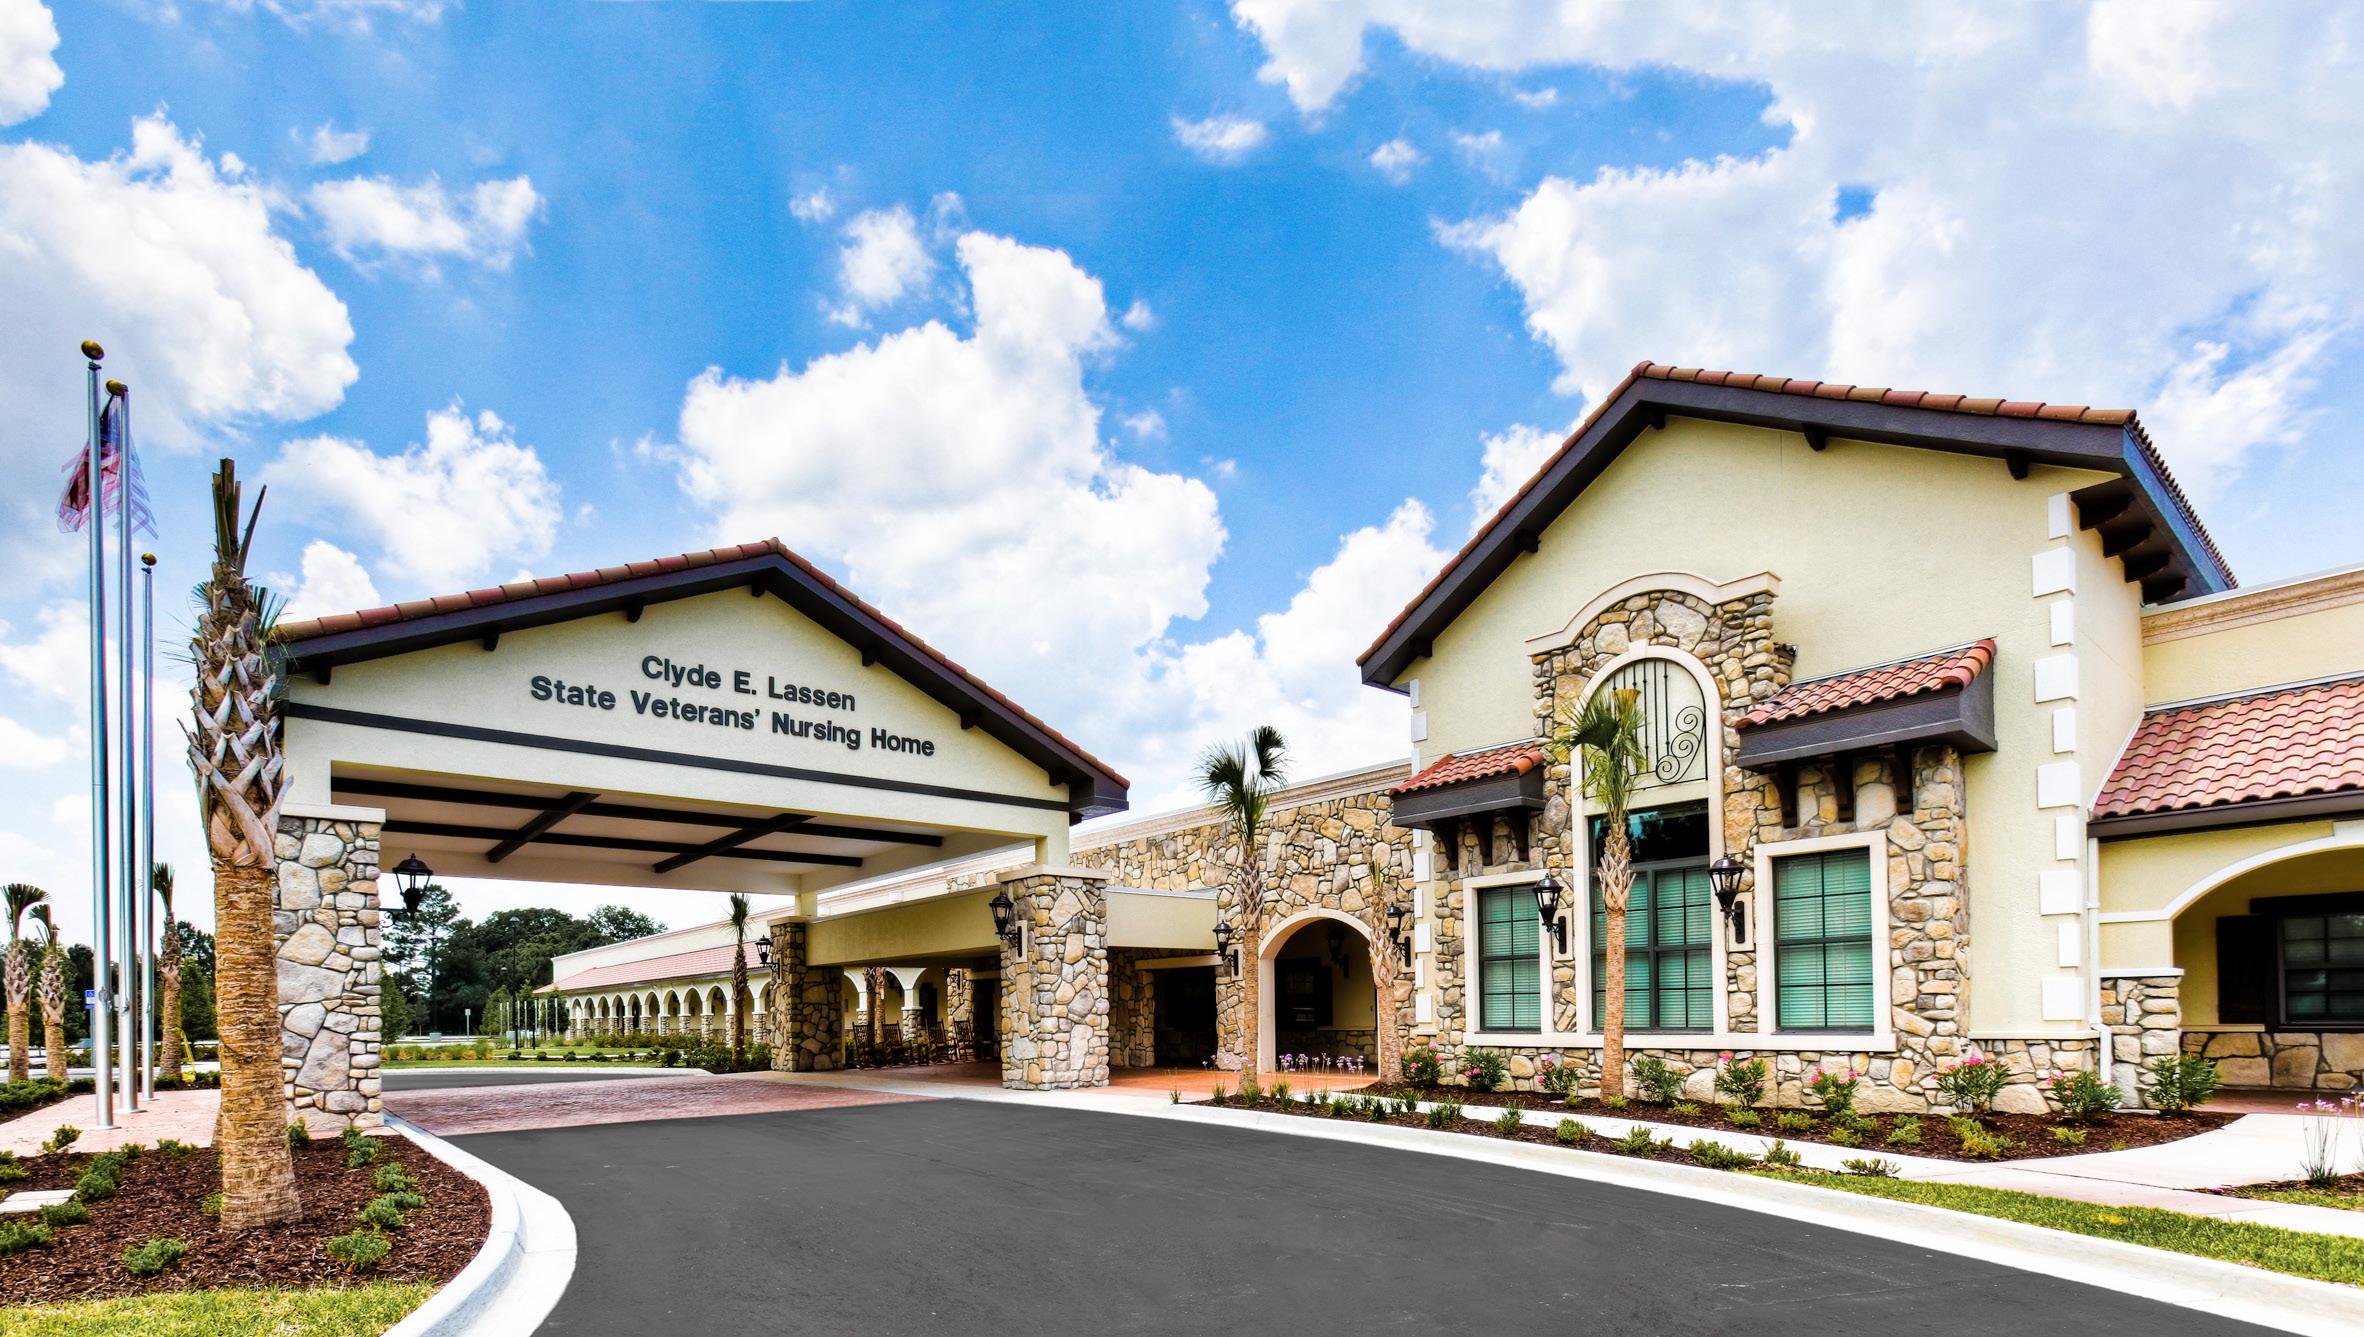 Clyde E Lassen Nursing Home